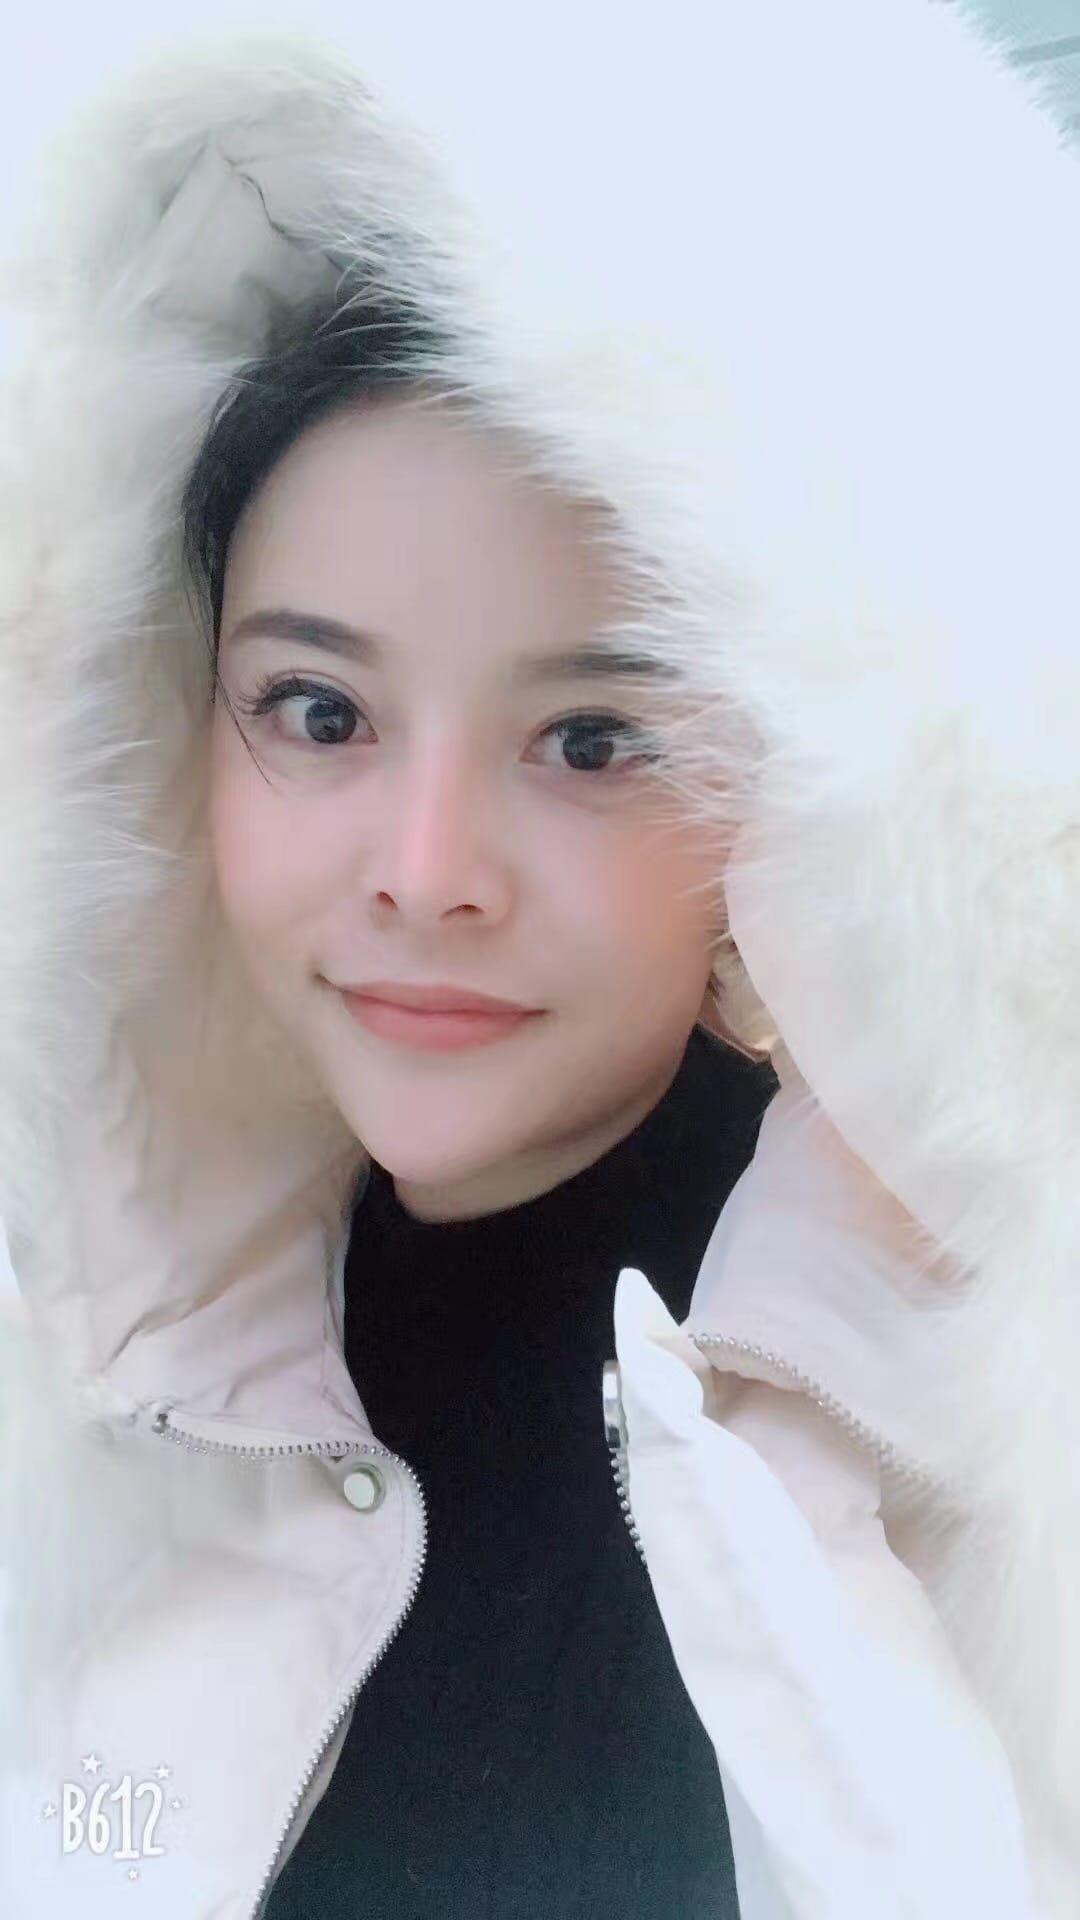 「新人ゆなです」01/20(土) 17:58 | ゆなの写メ・風俗動画